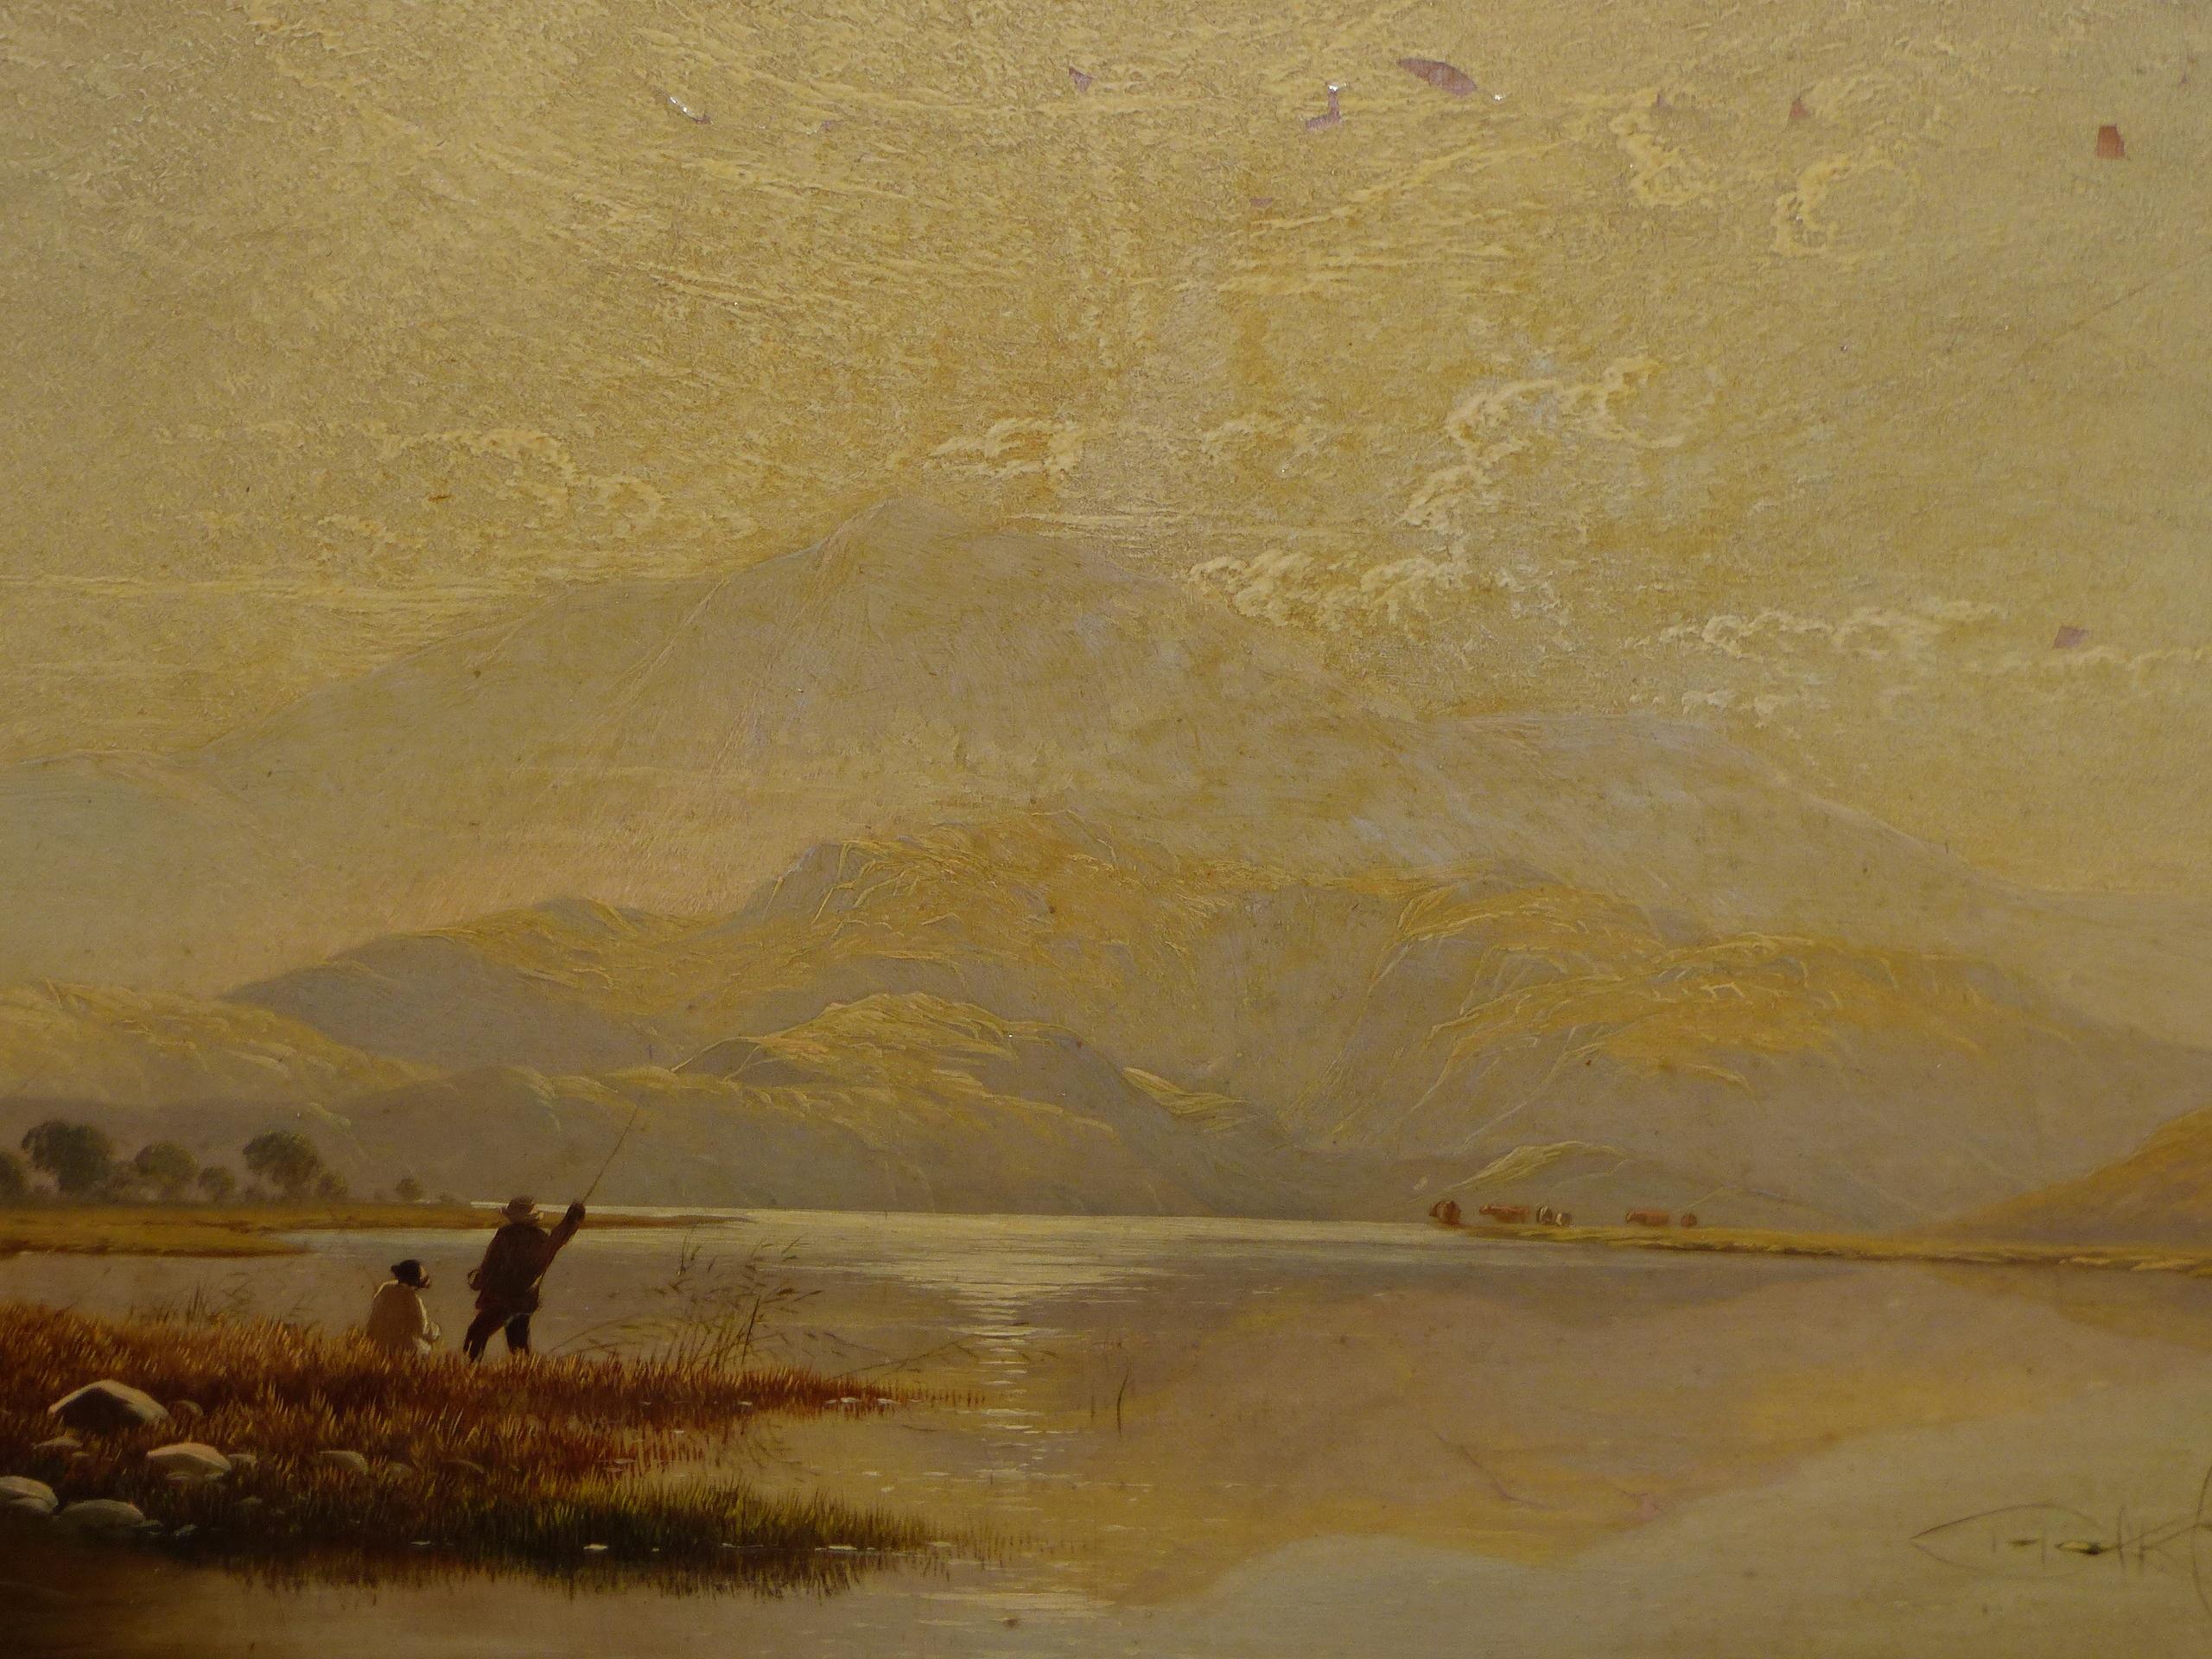 EDWIN BODDINGTON (1836 - 1905) A WELSH LANDSCAPE, OIL ON CANVAS, LABEL VERSO 30 x 56 cm - Image 2 of 9